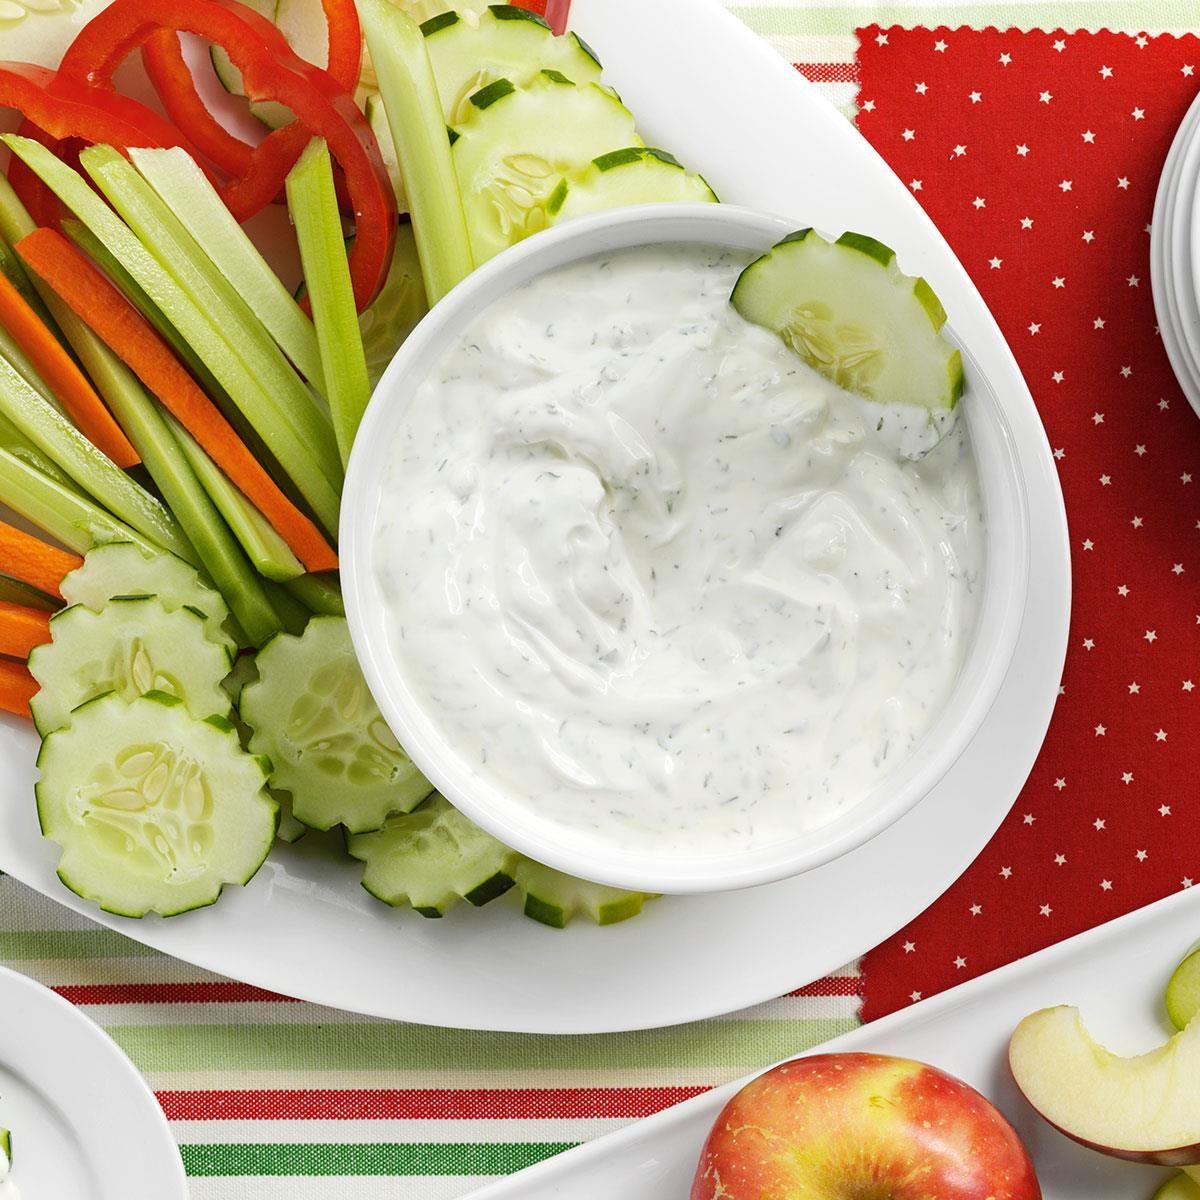 Dill Yogurt Spread